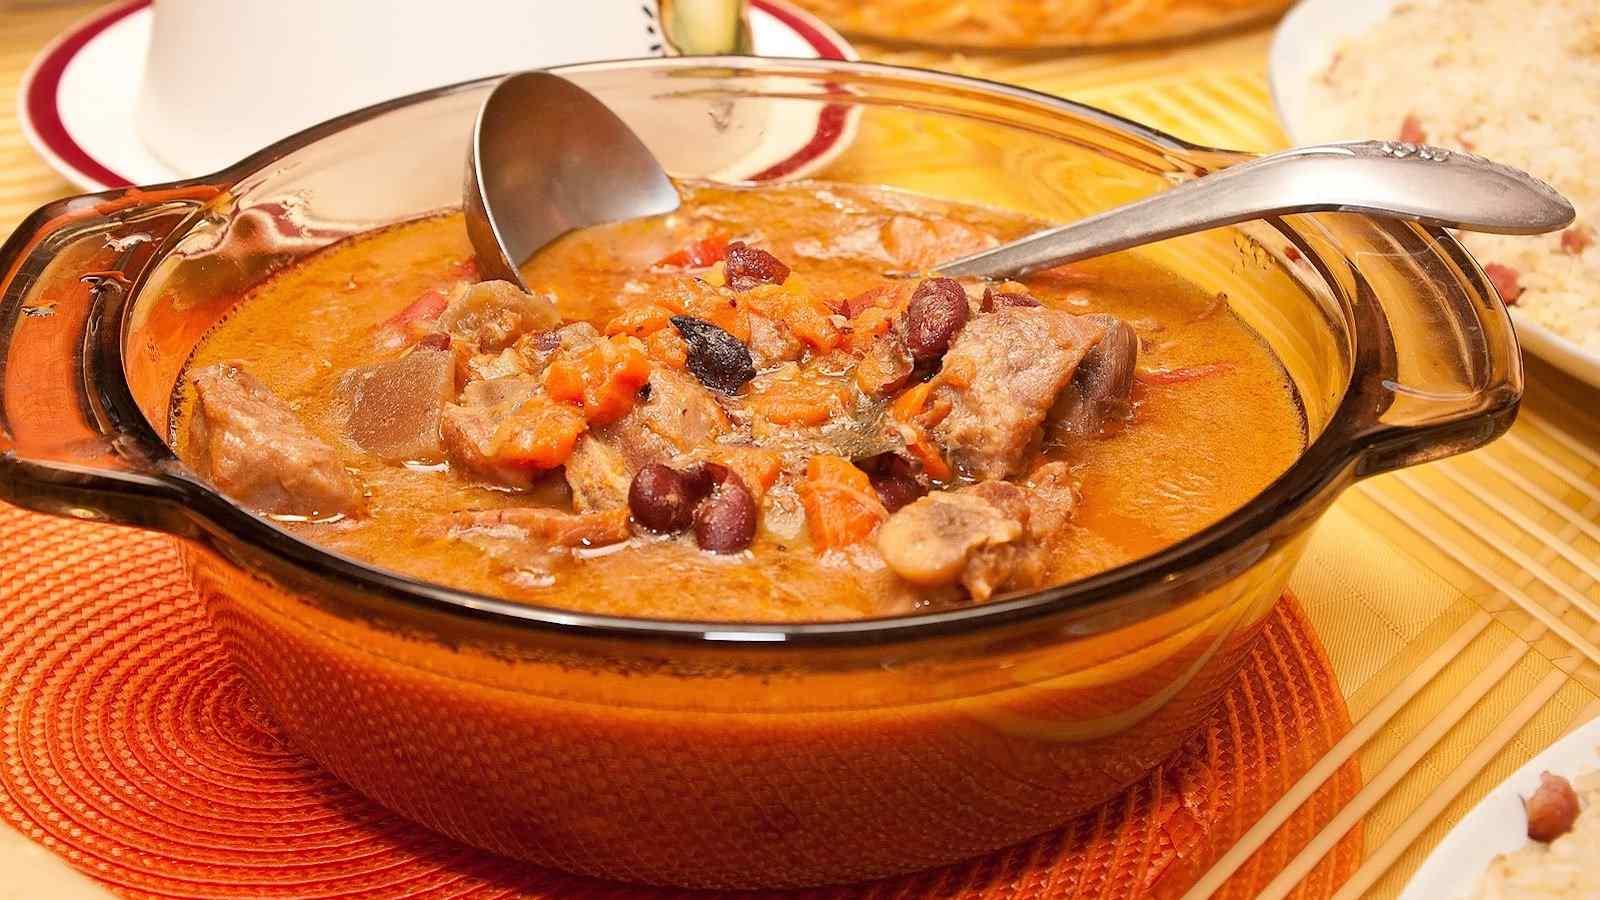 Kaldereta é um guisado rico de carne de cabra das Filipinas, mas outra carne pode ser usada em vez de cabra